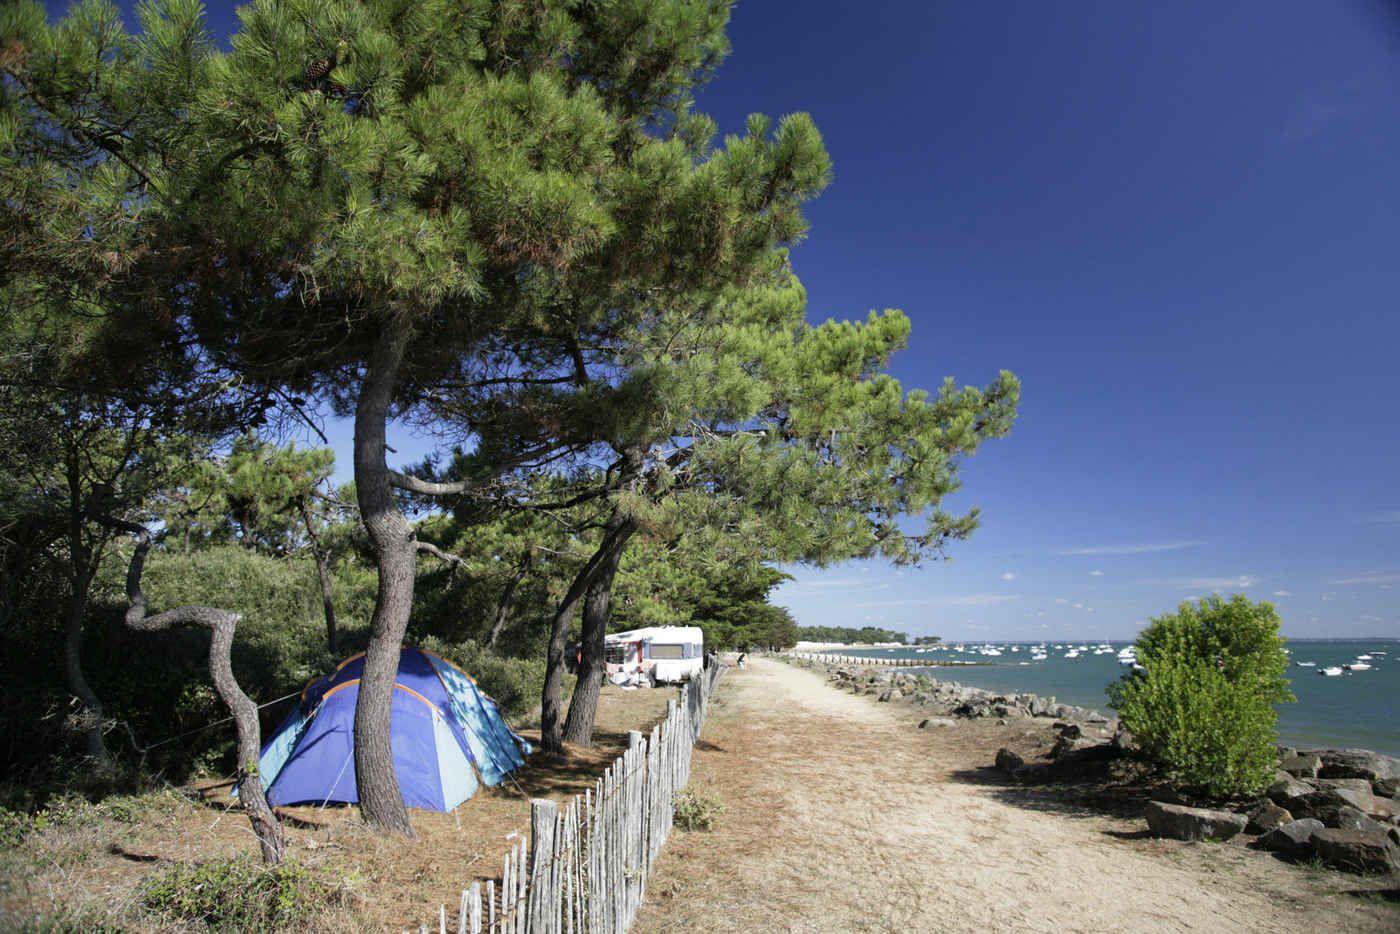 Campsites In France Vakantie Vakanties Vakantie Ideeen